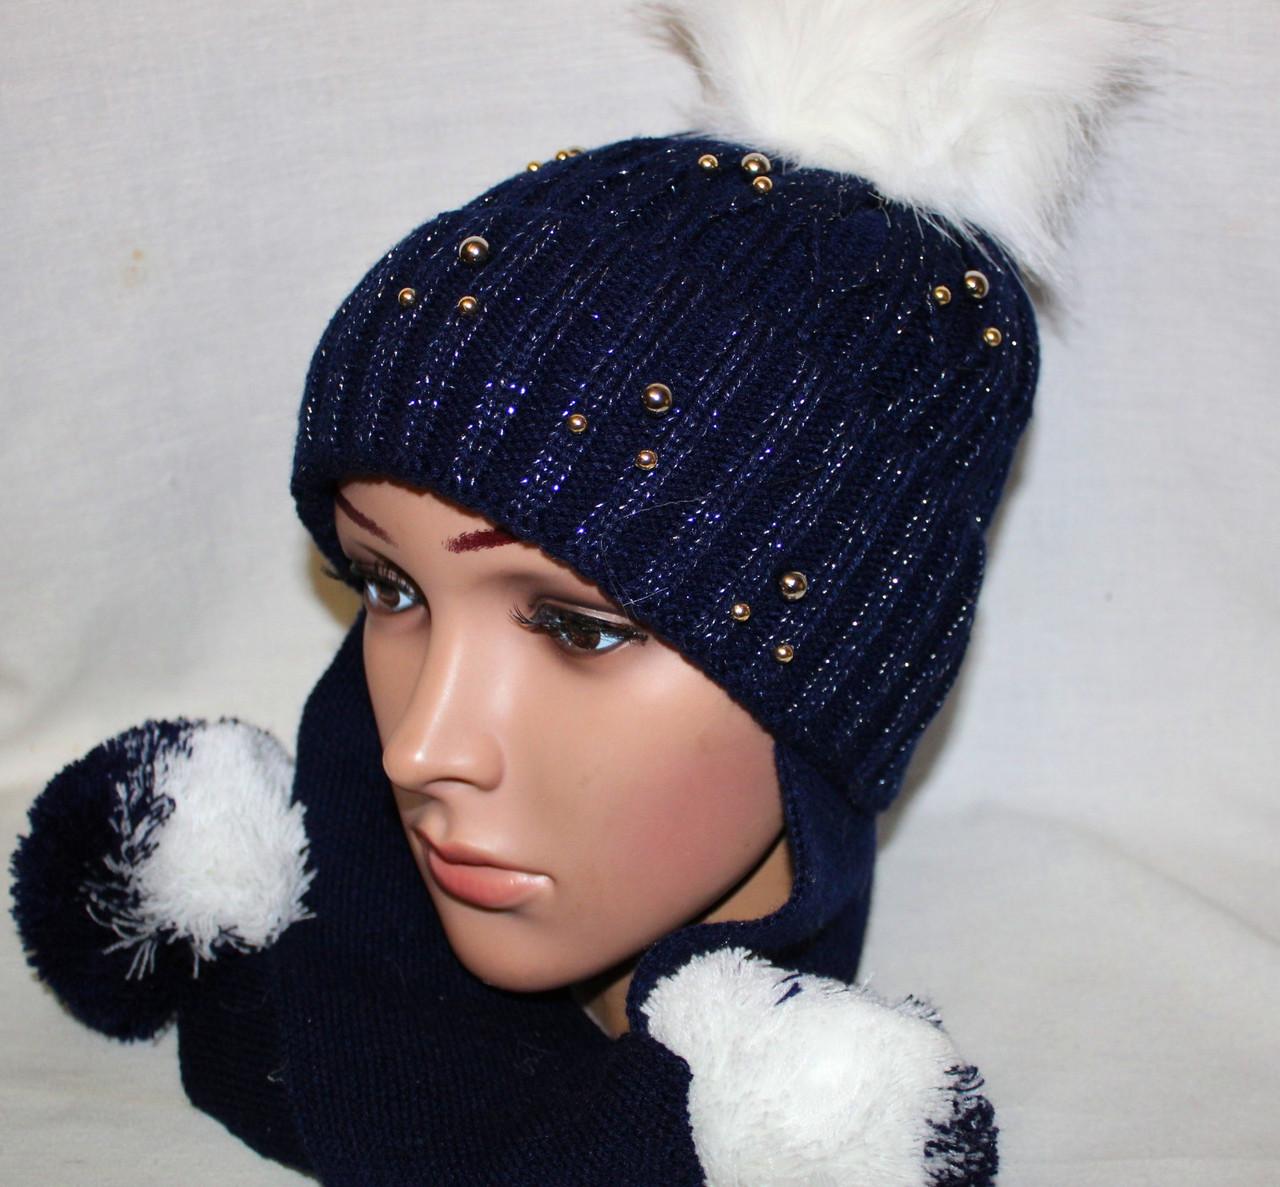 вязаная шапочка на флисе с ушами шарфом 4 7 лет D85 39 купить